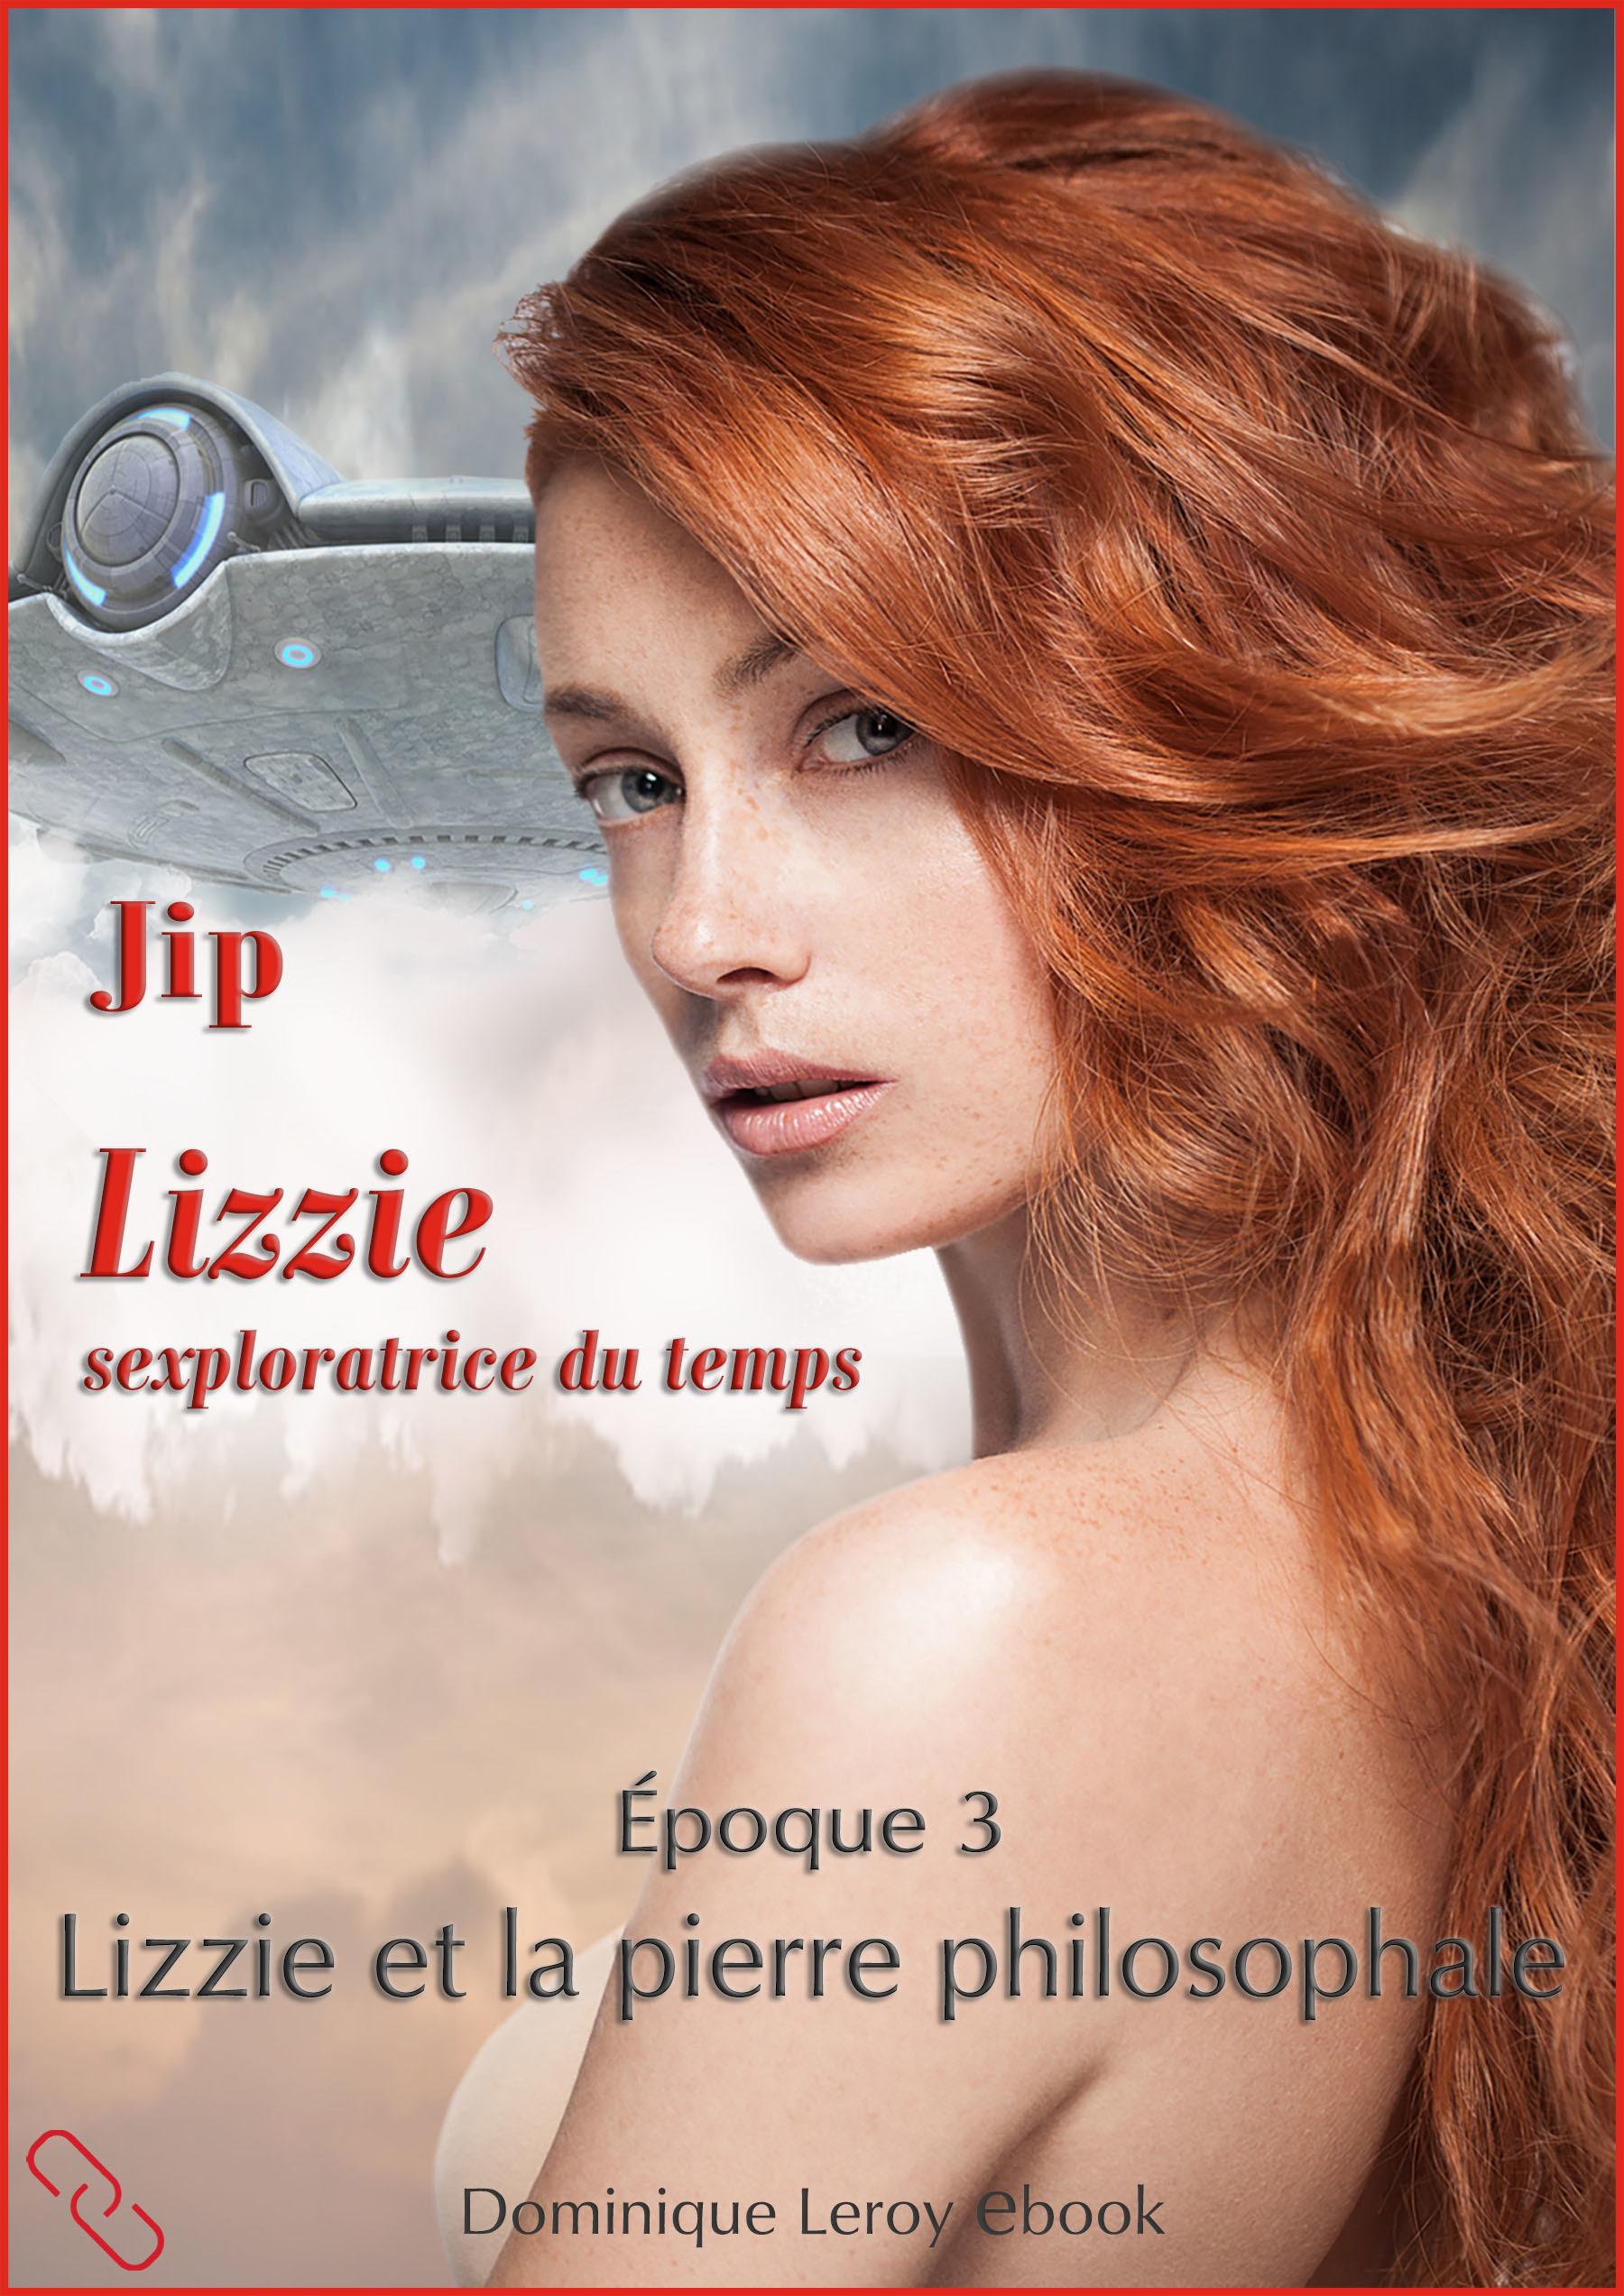 Lizzie, époque 3 - Lizzie et la pierre philosophale  - Jip